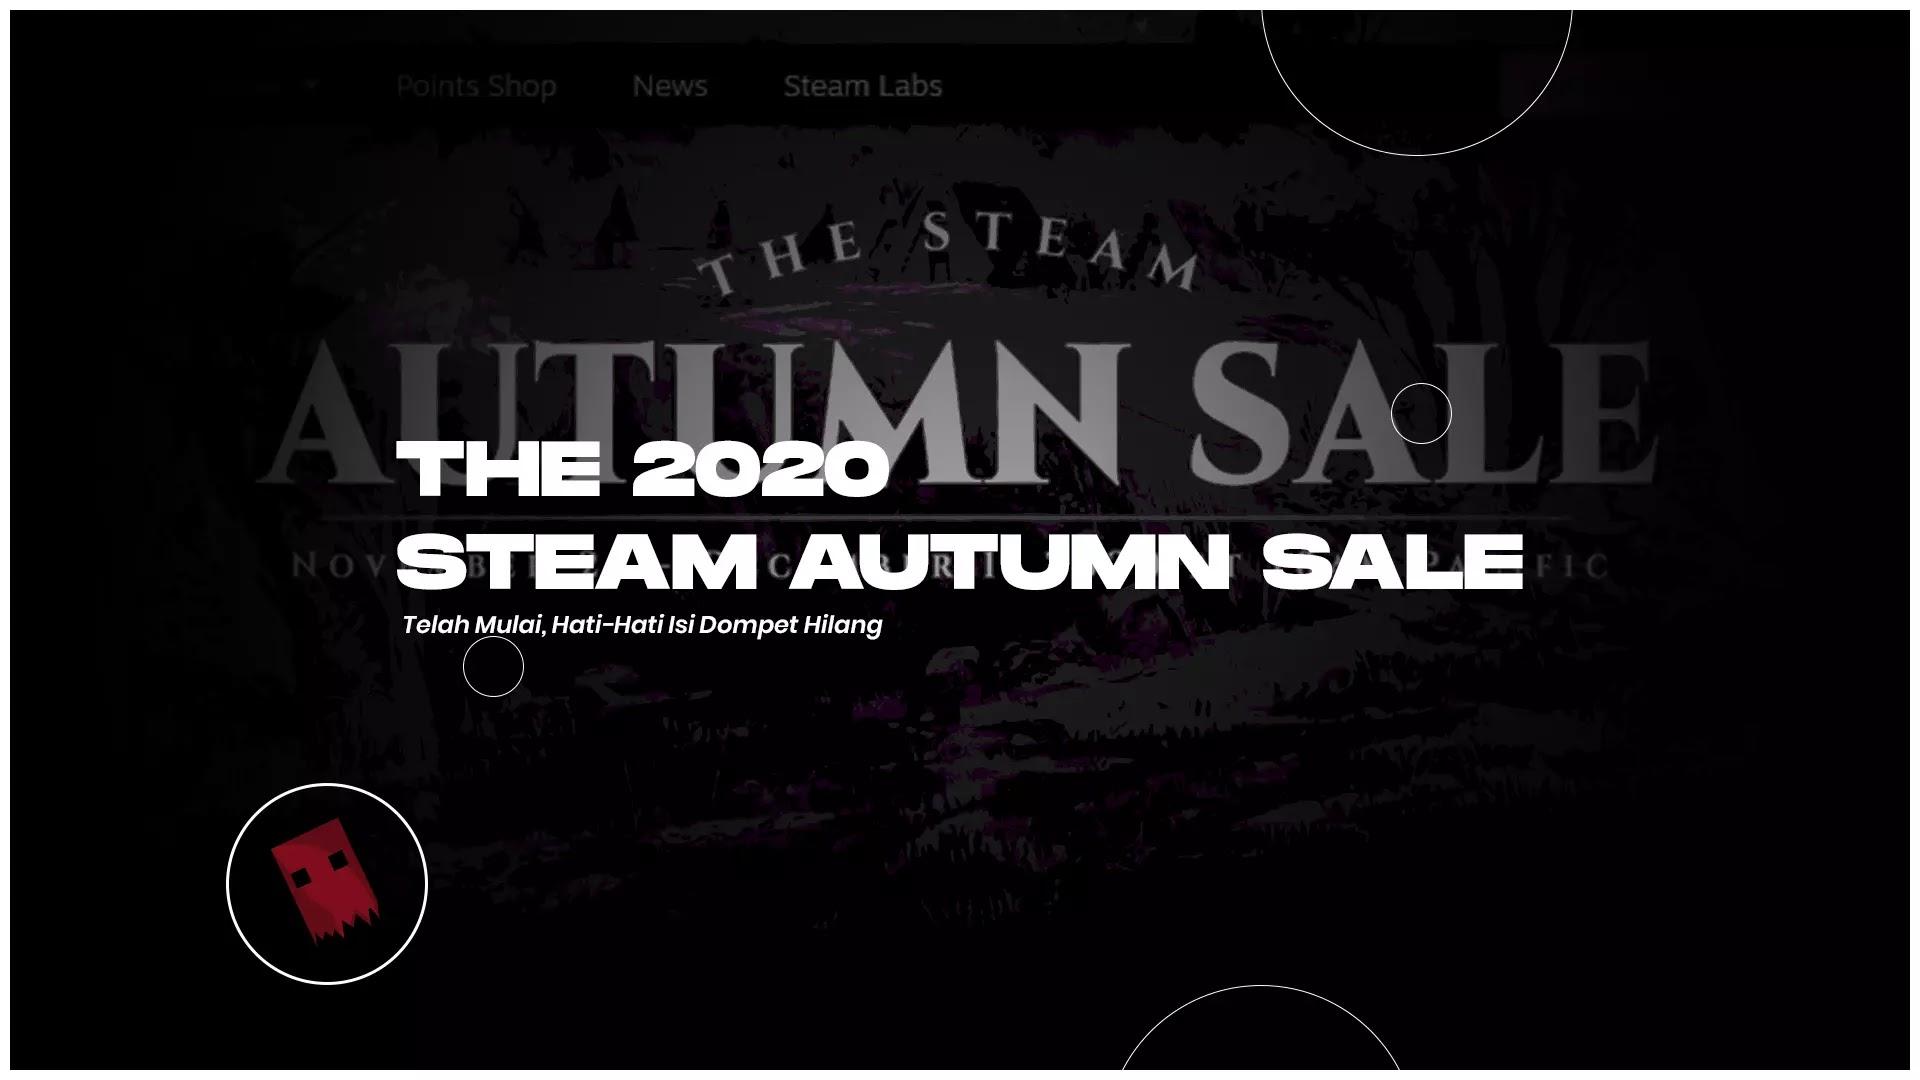 The 2020 Steam Autumn Sale Telah Mulai, Hati-Hati Isi Dompet Hilang